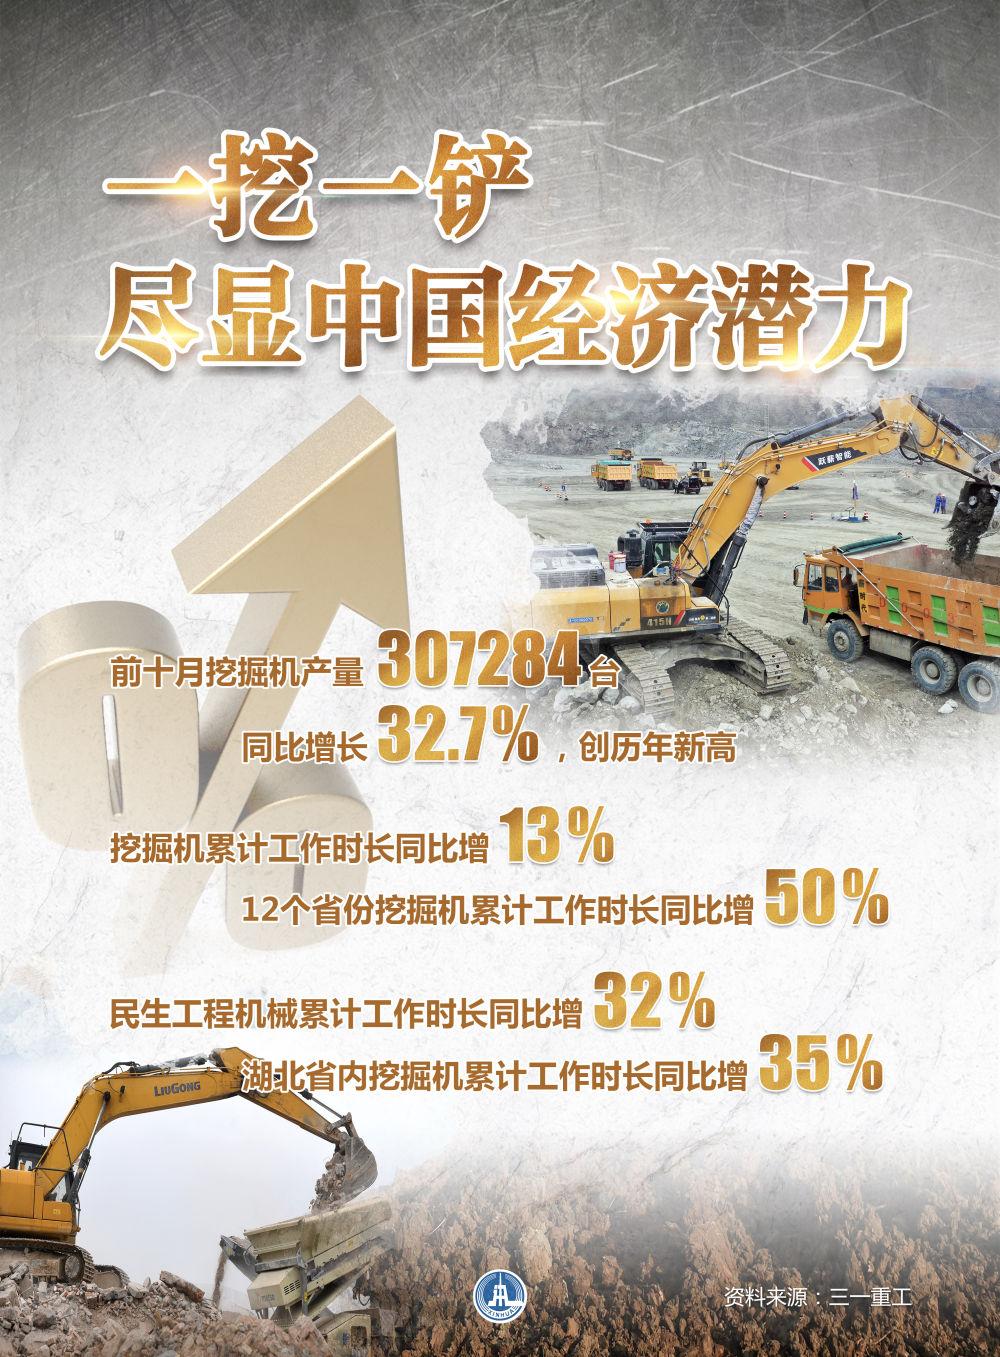 """从""""挖掘机指数""""看中国经济温度"""